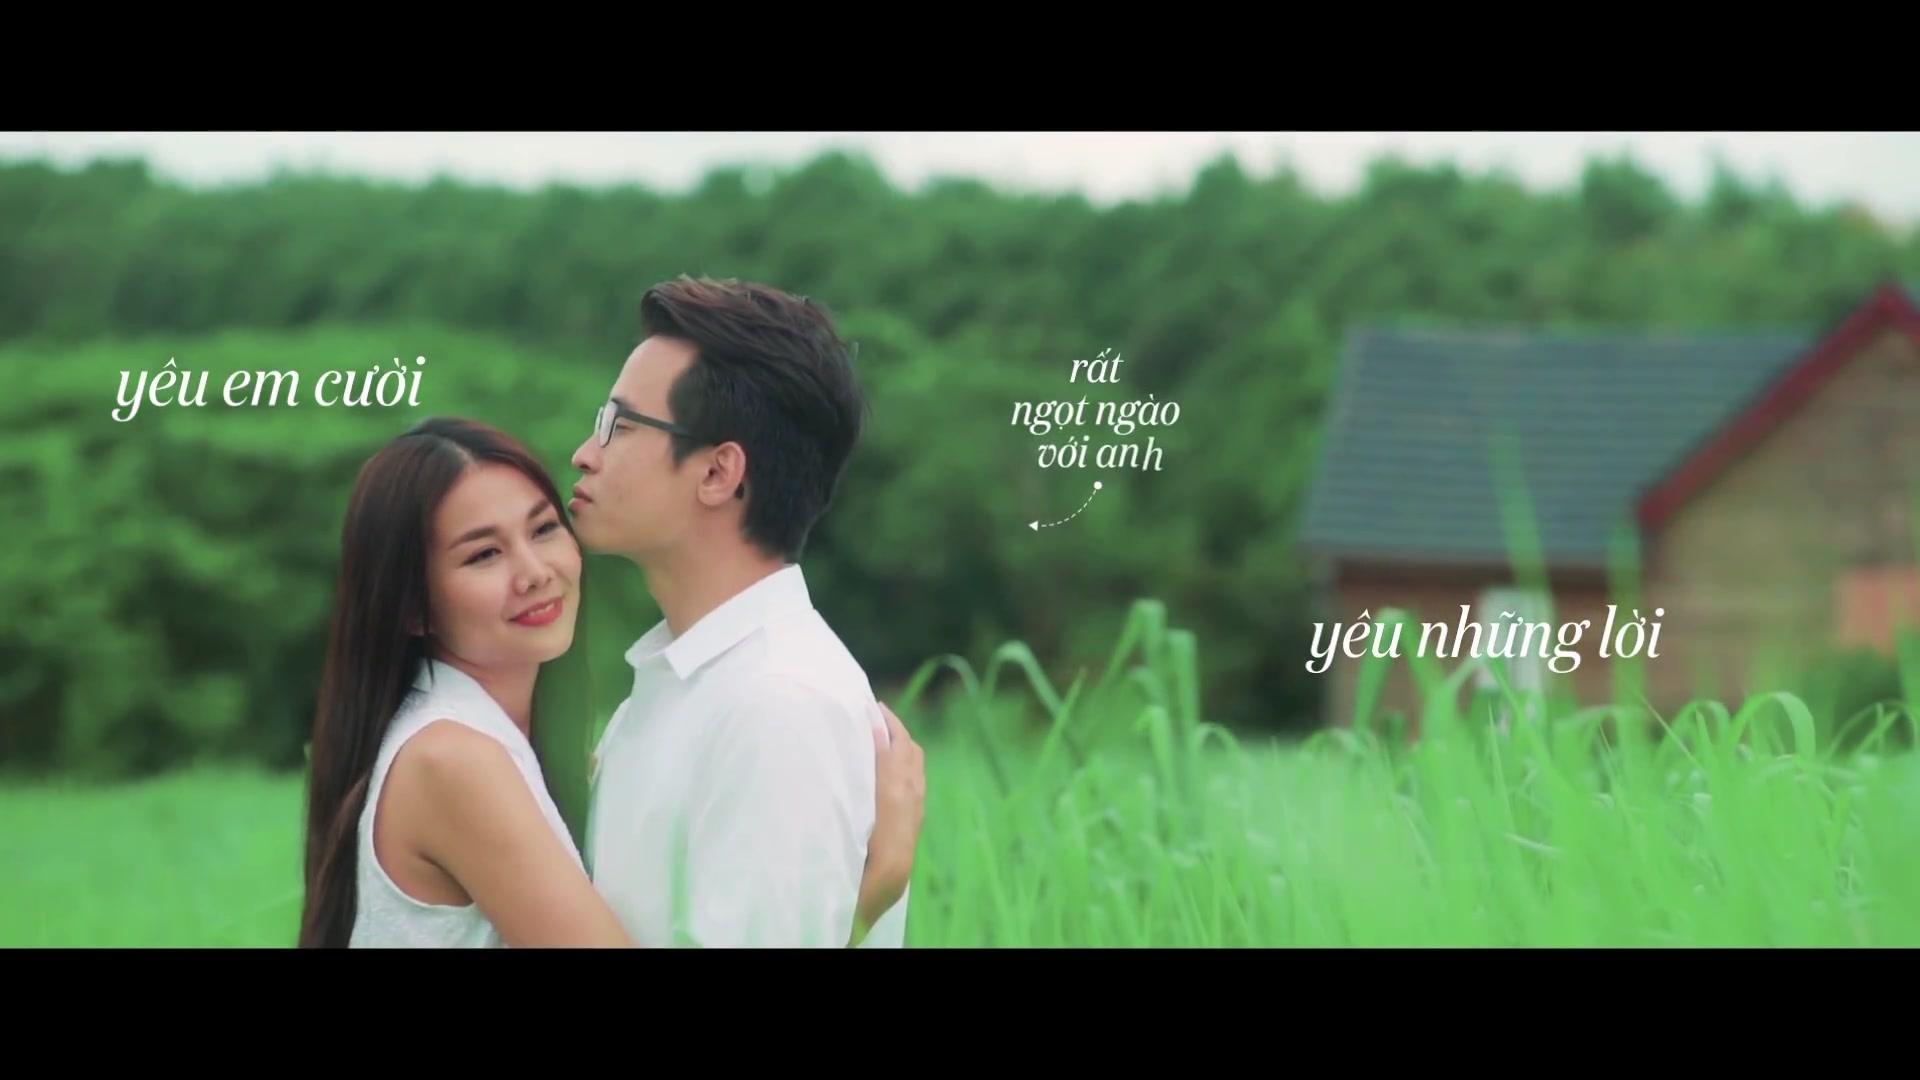 Không công khai người yêu, Hà Anh Tuấn lặng lẽ cầu hôn Thanh Hằng trong MV mới?-4